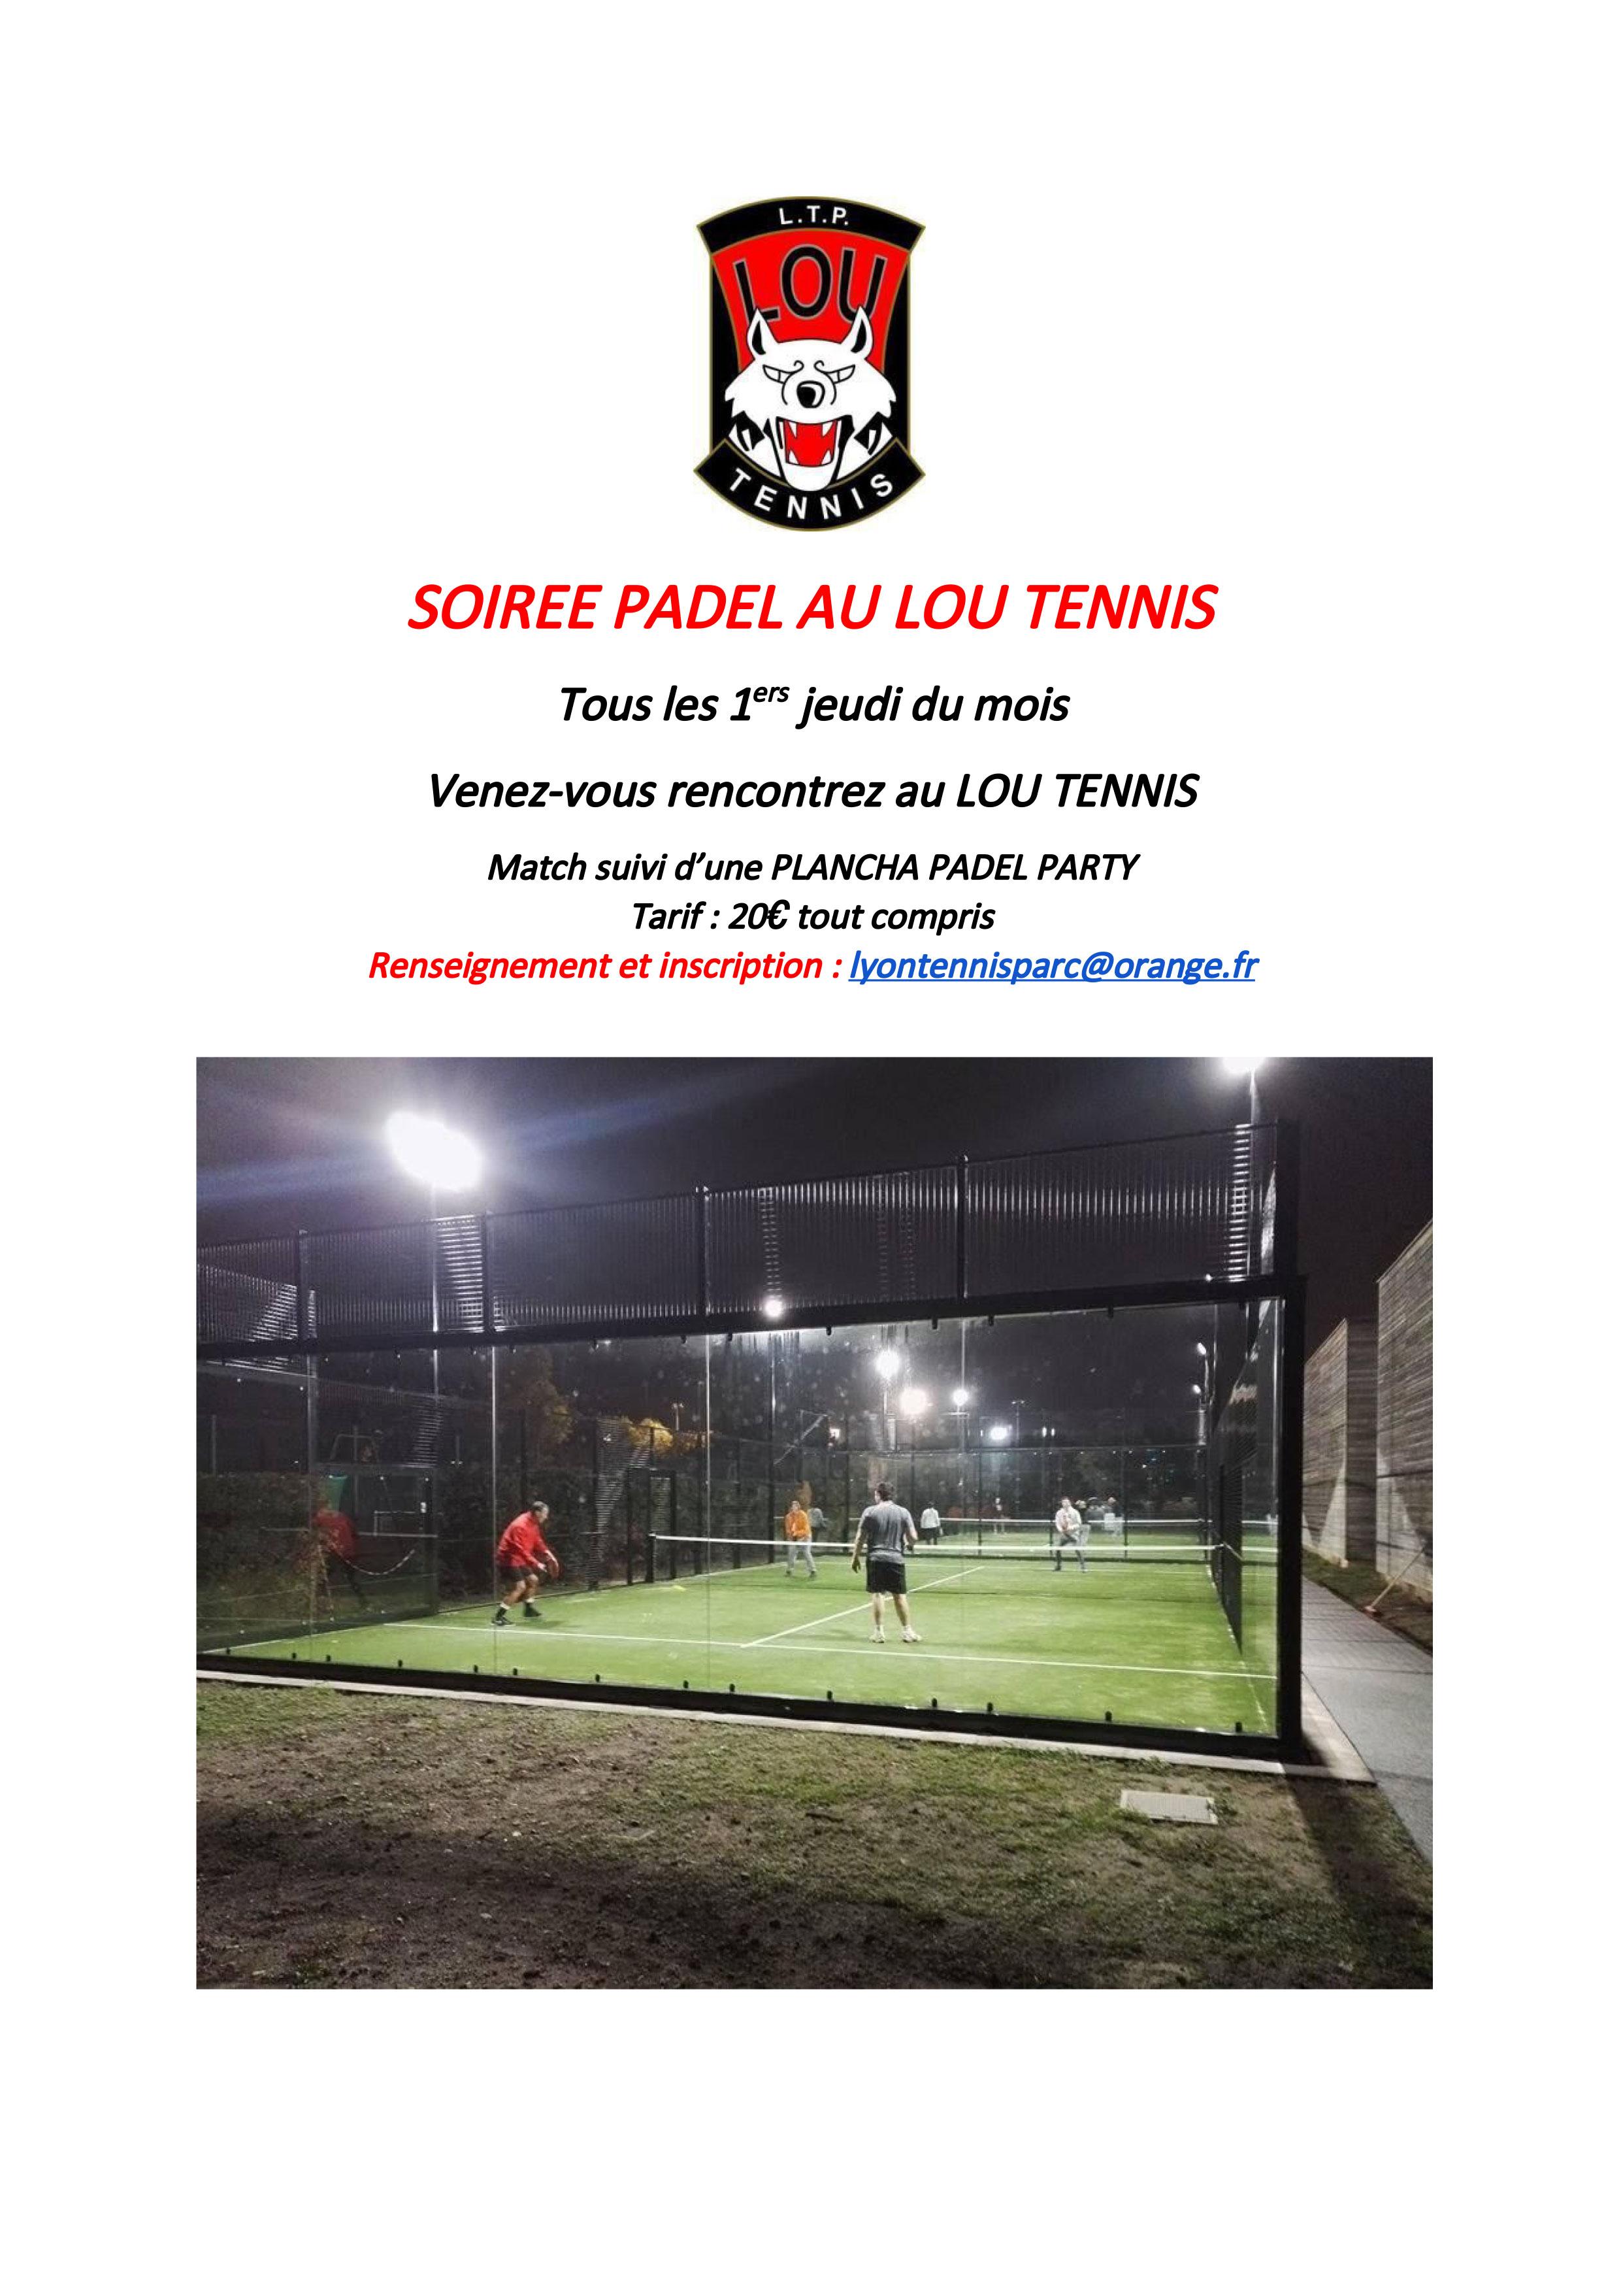 SOIREE-PADEL-AU-LOU-TENNIS